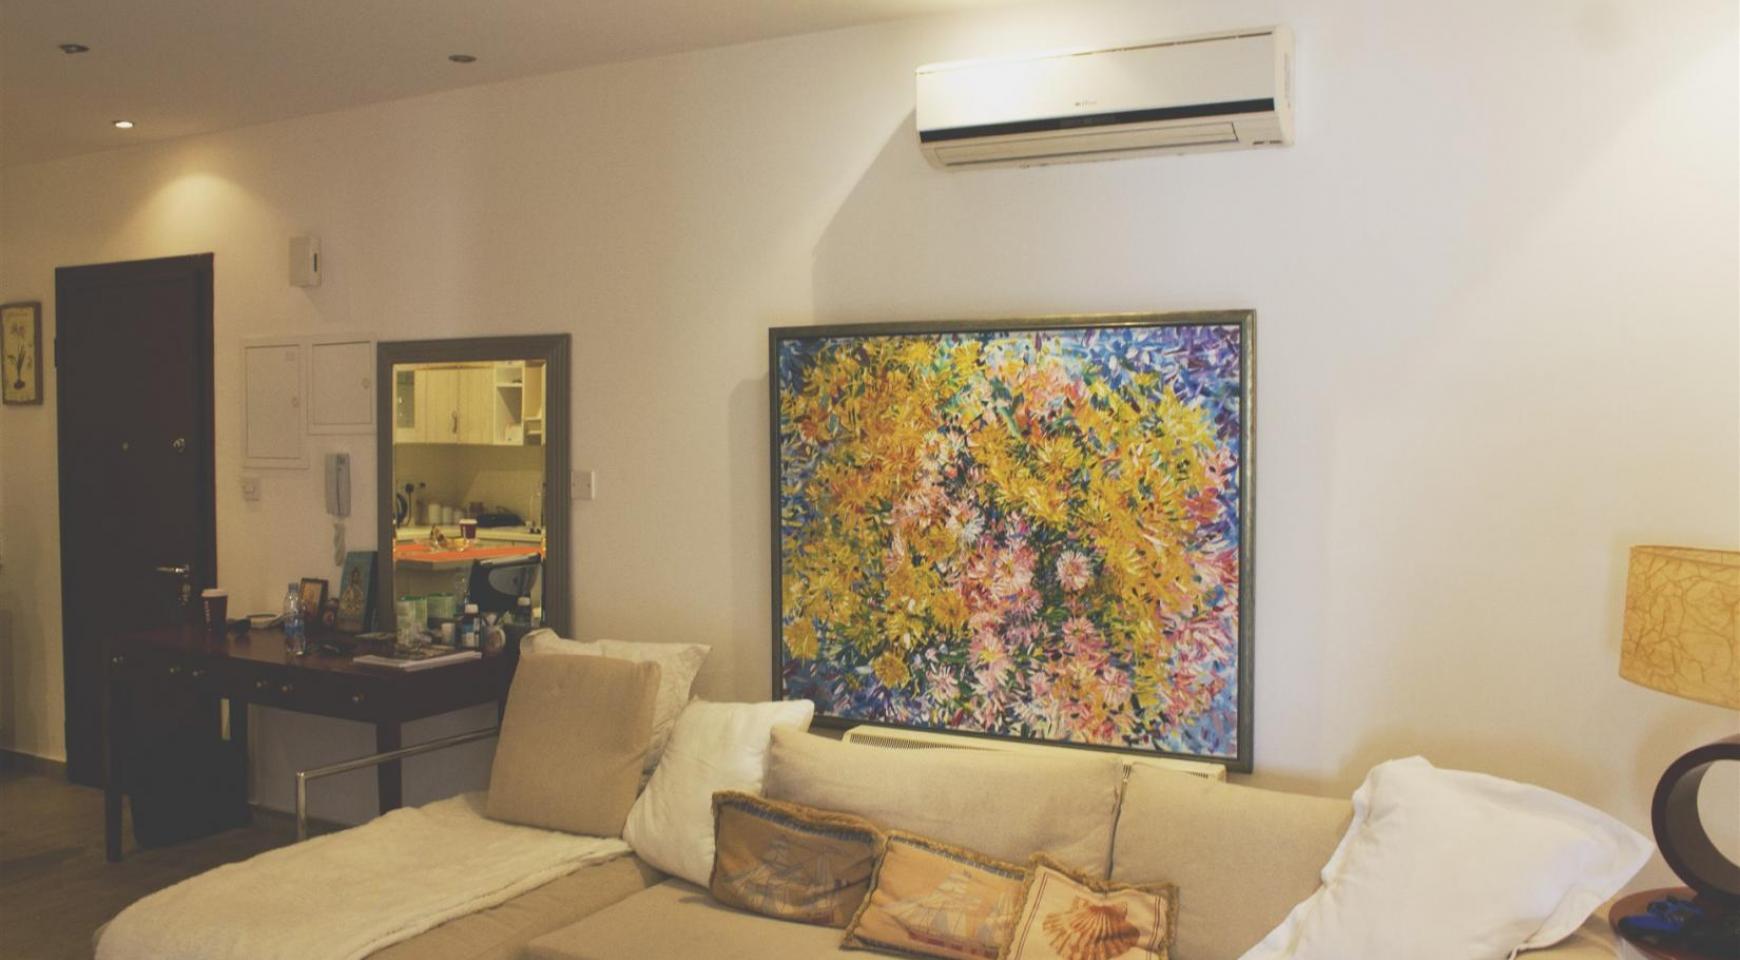 2 Bedroom Apartment in a Prestigious Complex near the Sea - 11